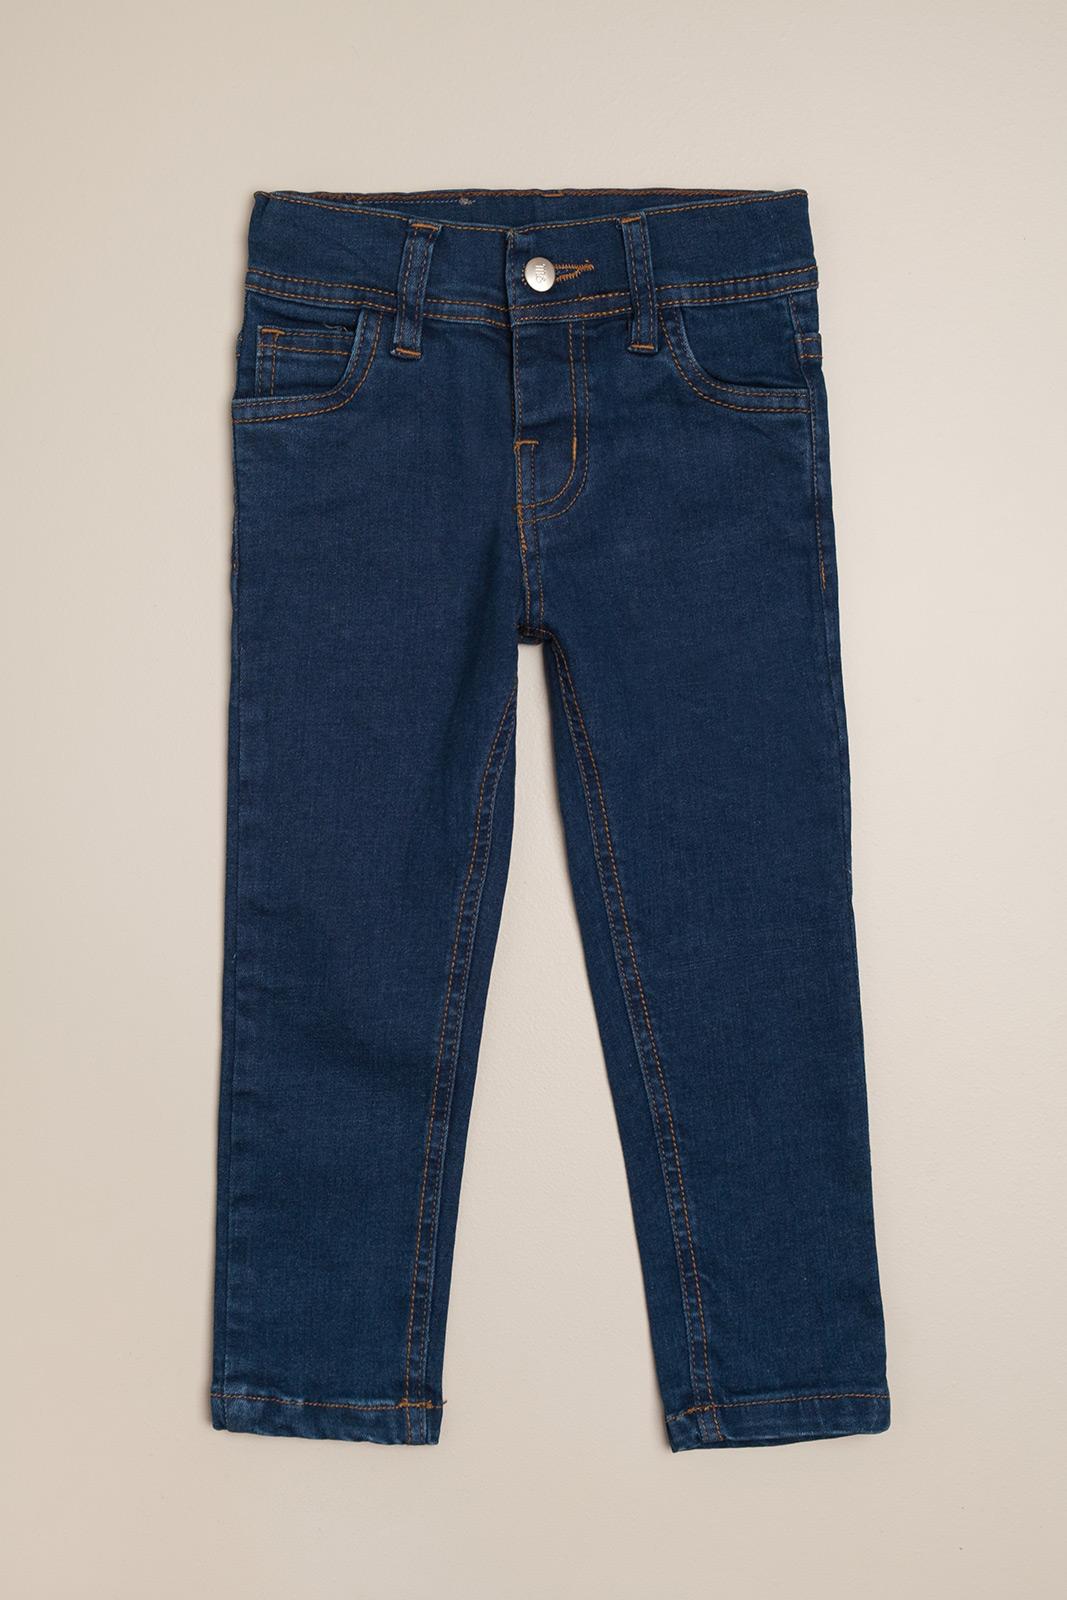 Pantalon de jeans clasico azul